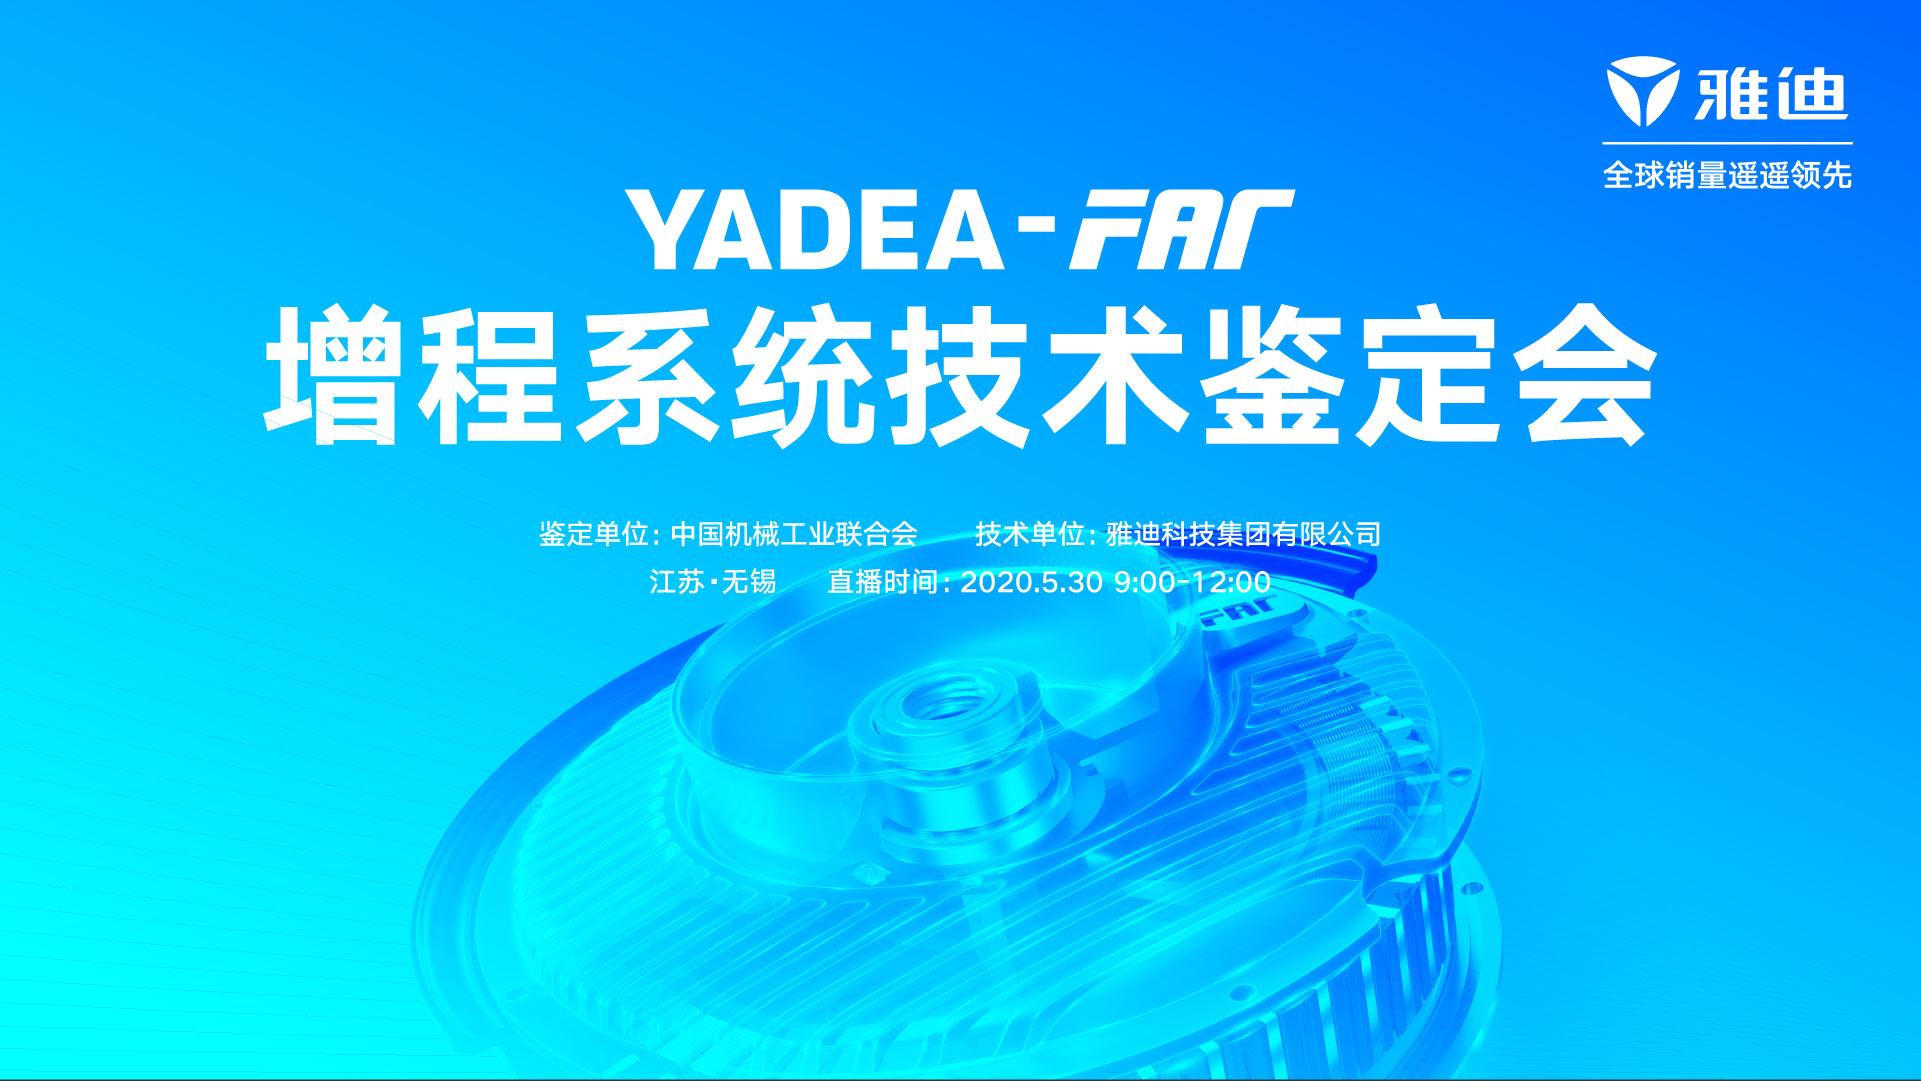 雅迪电动摩托车永磁同步轮毂电机增程技术科技成果鉴定会